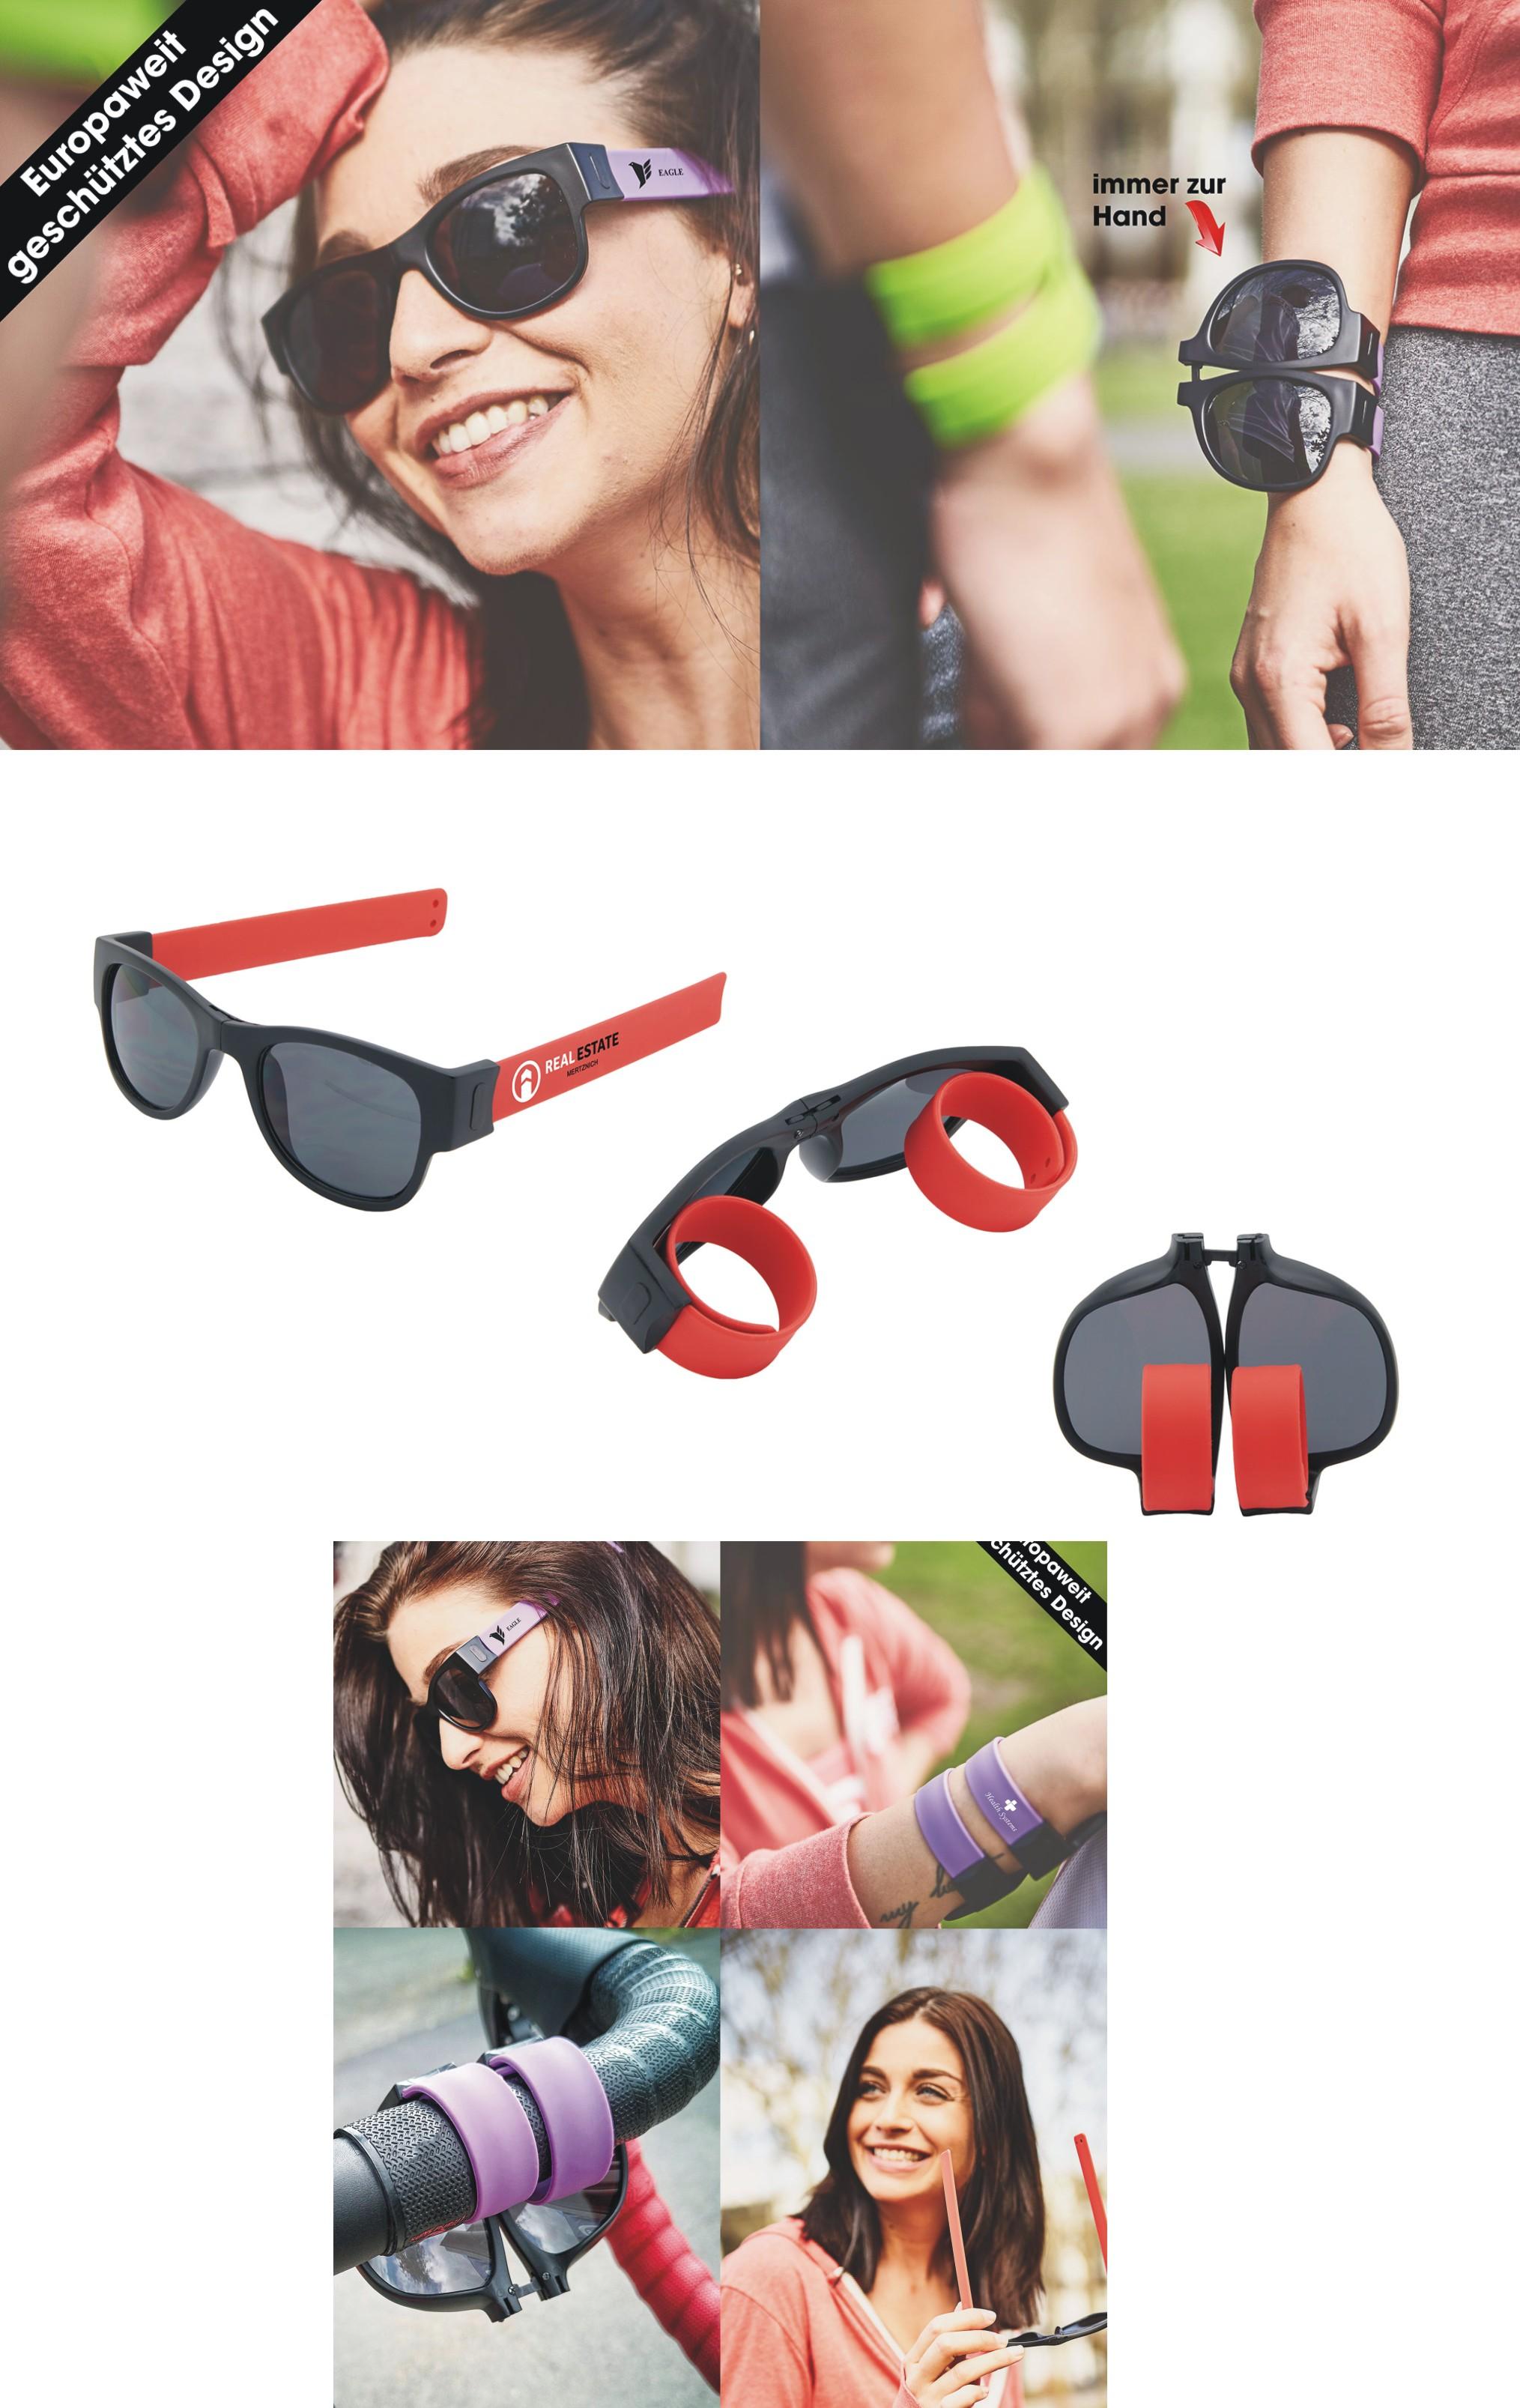 Artikel der Woche 19/2018 – Sonnenbrille mit flexiblen Bügeln